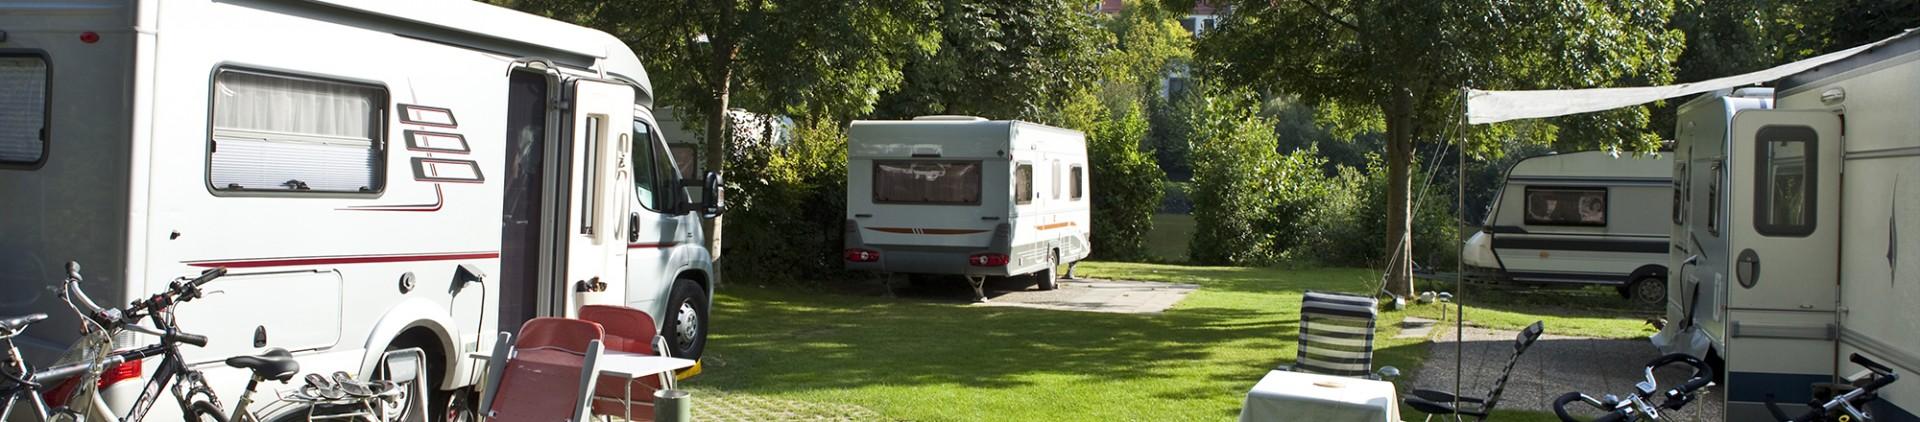 Campings - province de Liège